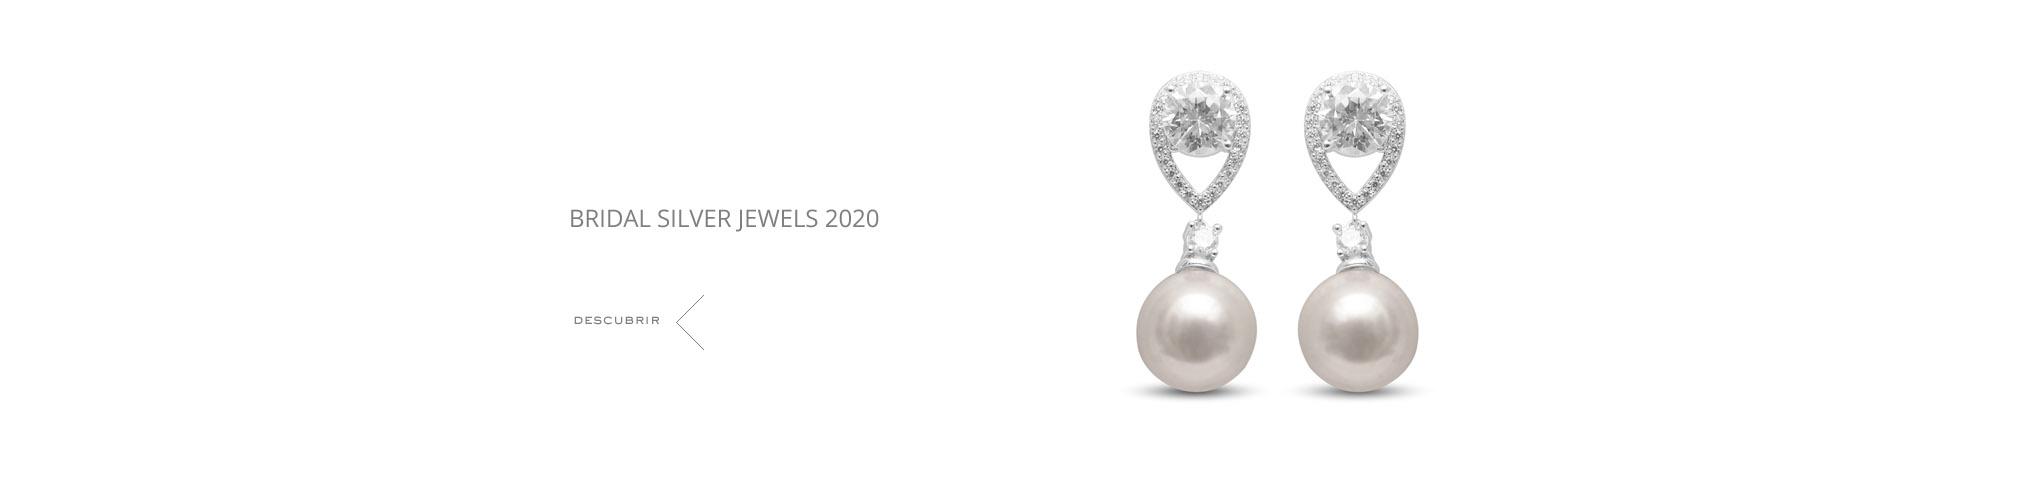 BRIDAL SILVER JEWELS 2020